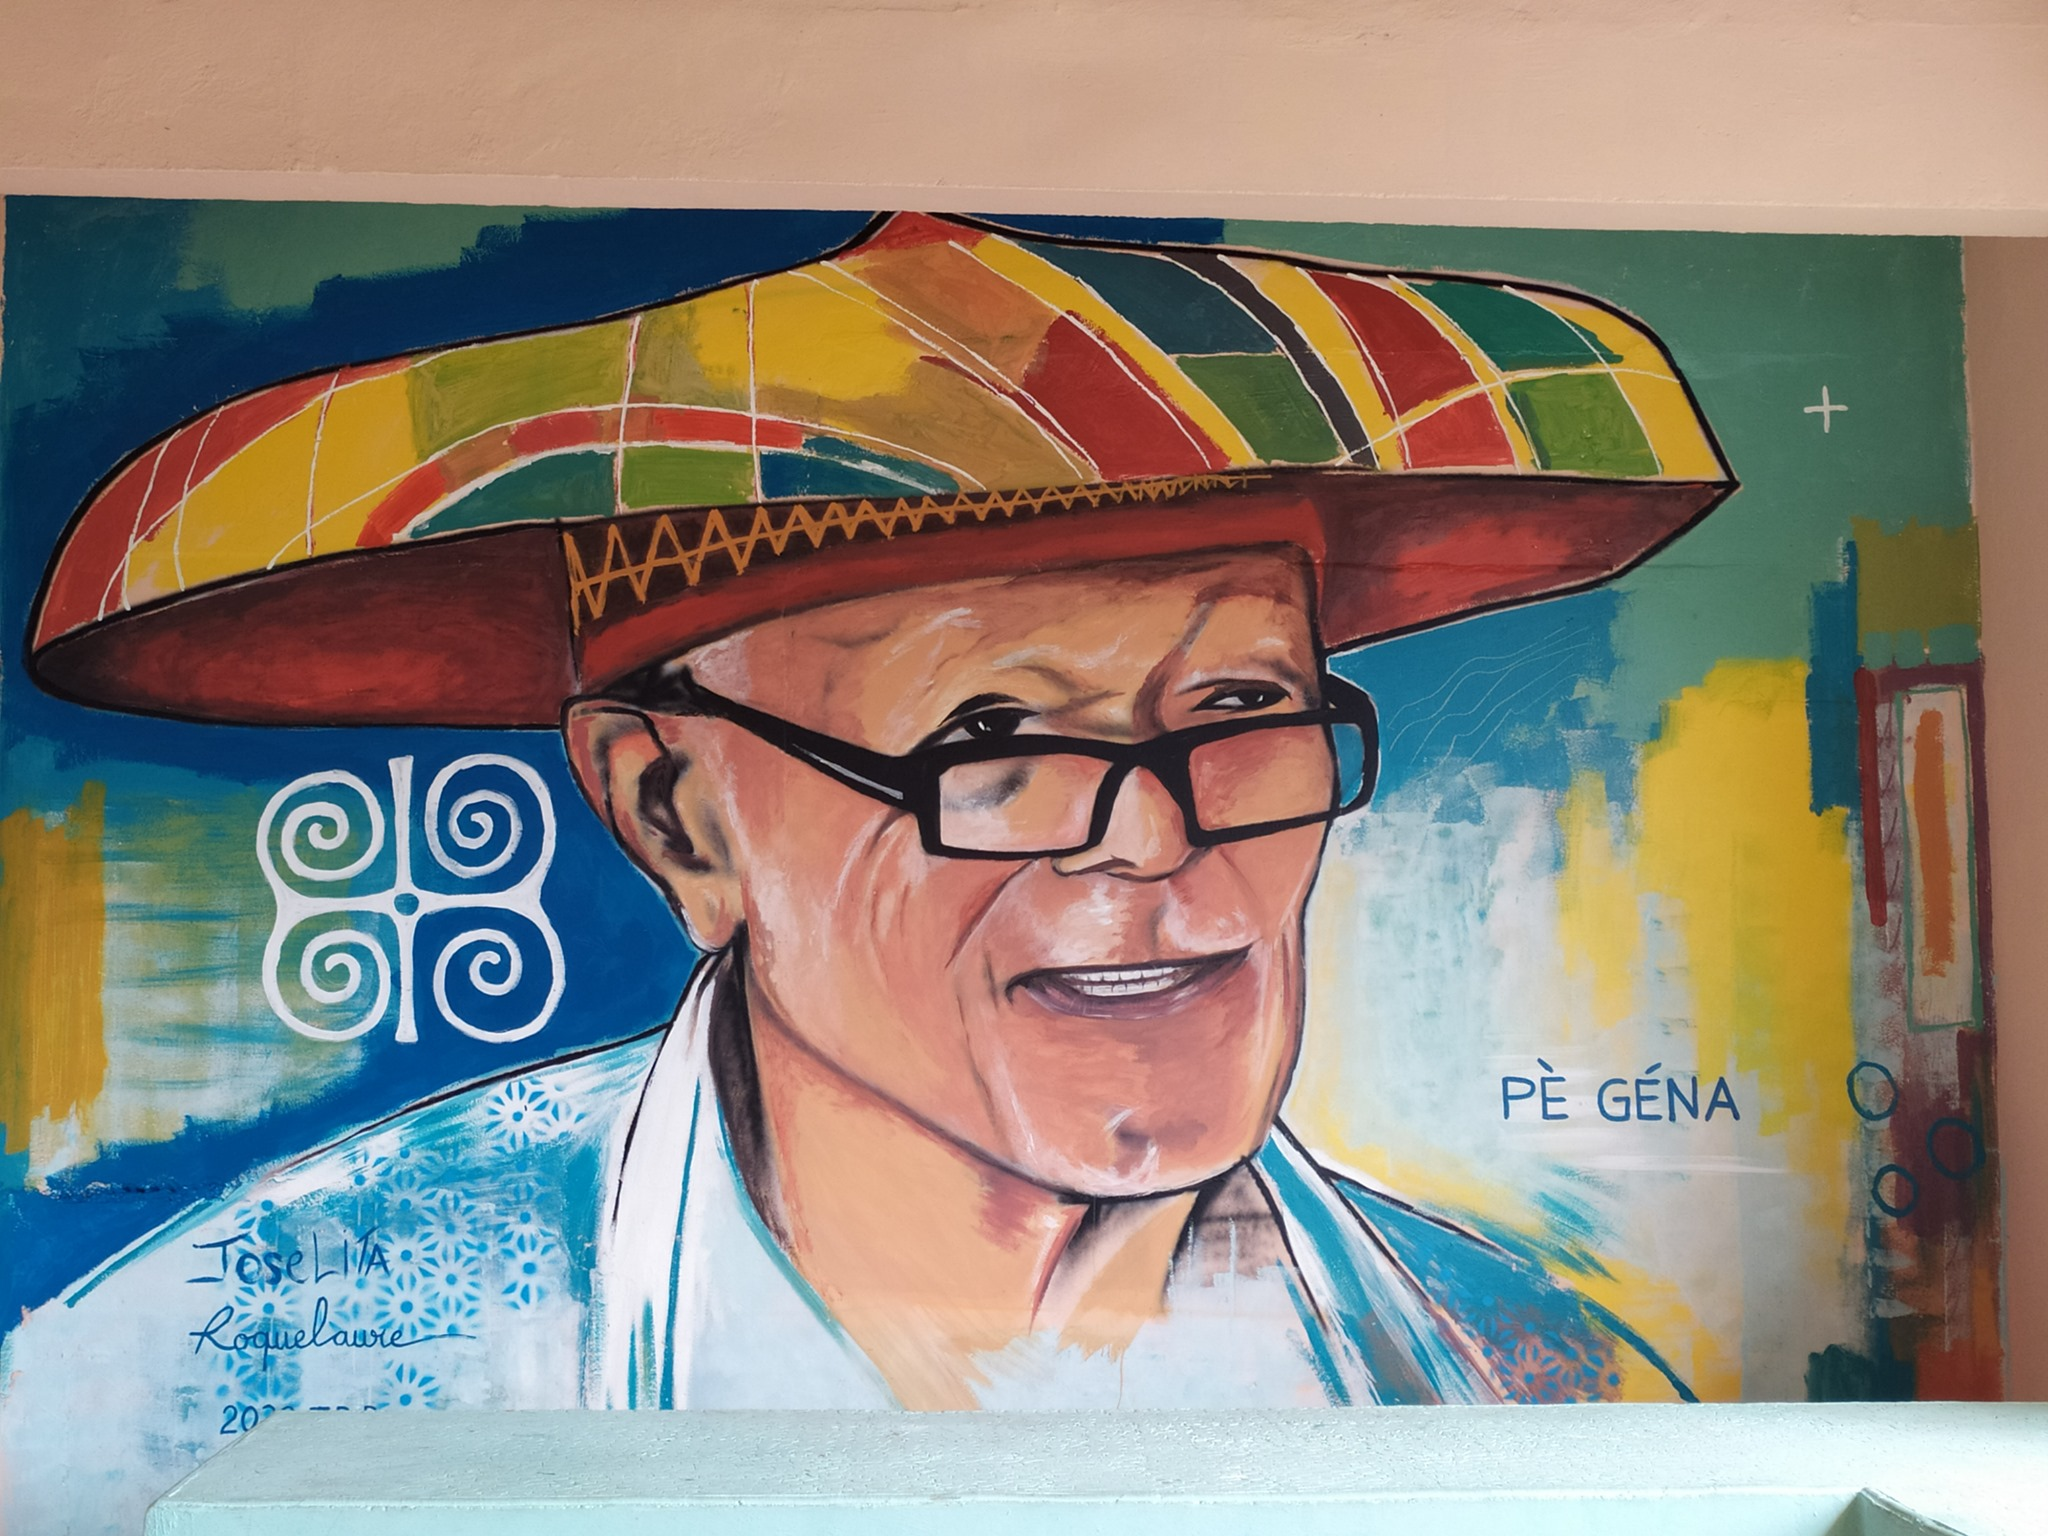 Guadeloupe : Le Street Art au service de la promotion touristique à Terre- de-Bas, aux Saintes